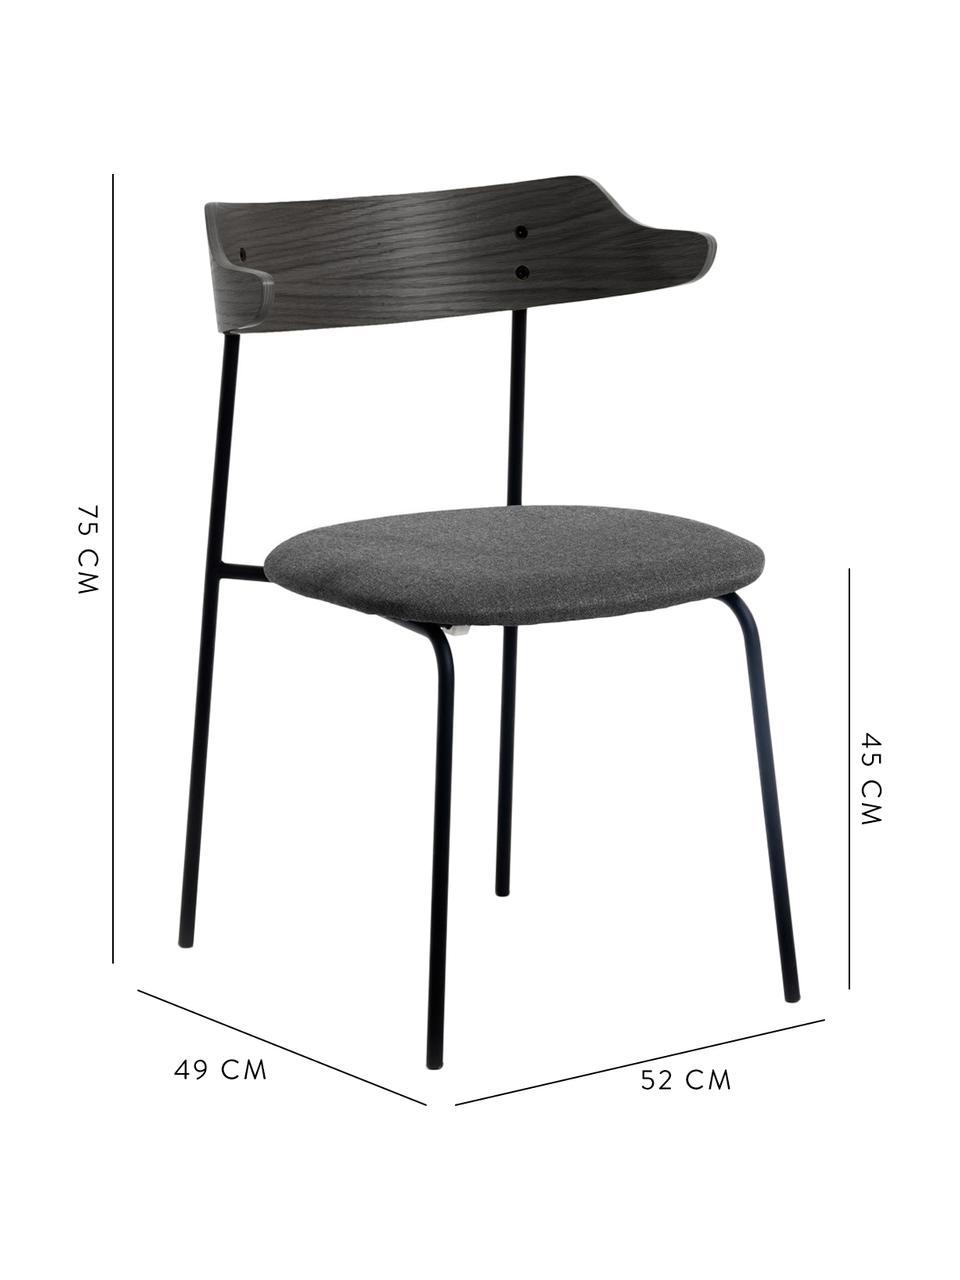 Polsterstühle Olympia mit Rückenlehne aus Holz, 2 Stück, Sitzfläche: Textil, Rückenlehne: Sperrholz mit Eichenfurni, Rahmen: Metall, Schwarz, B 52 x T 49 cm